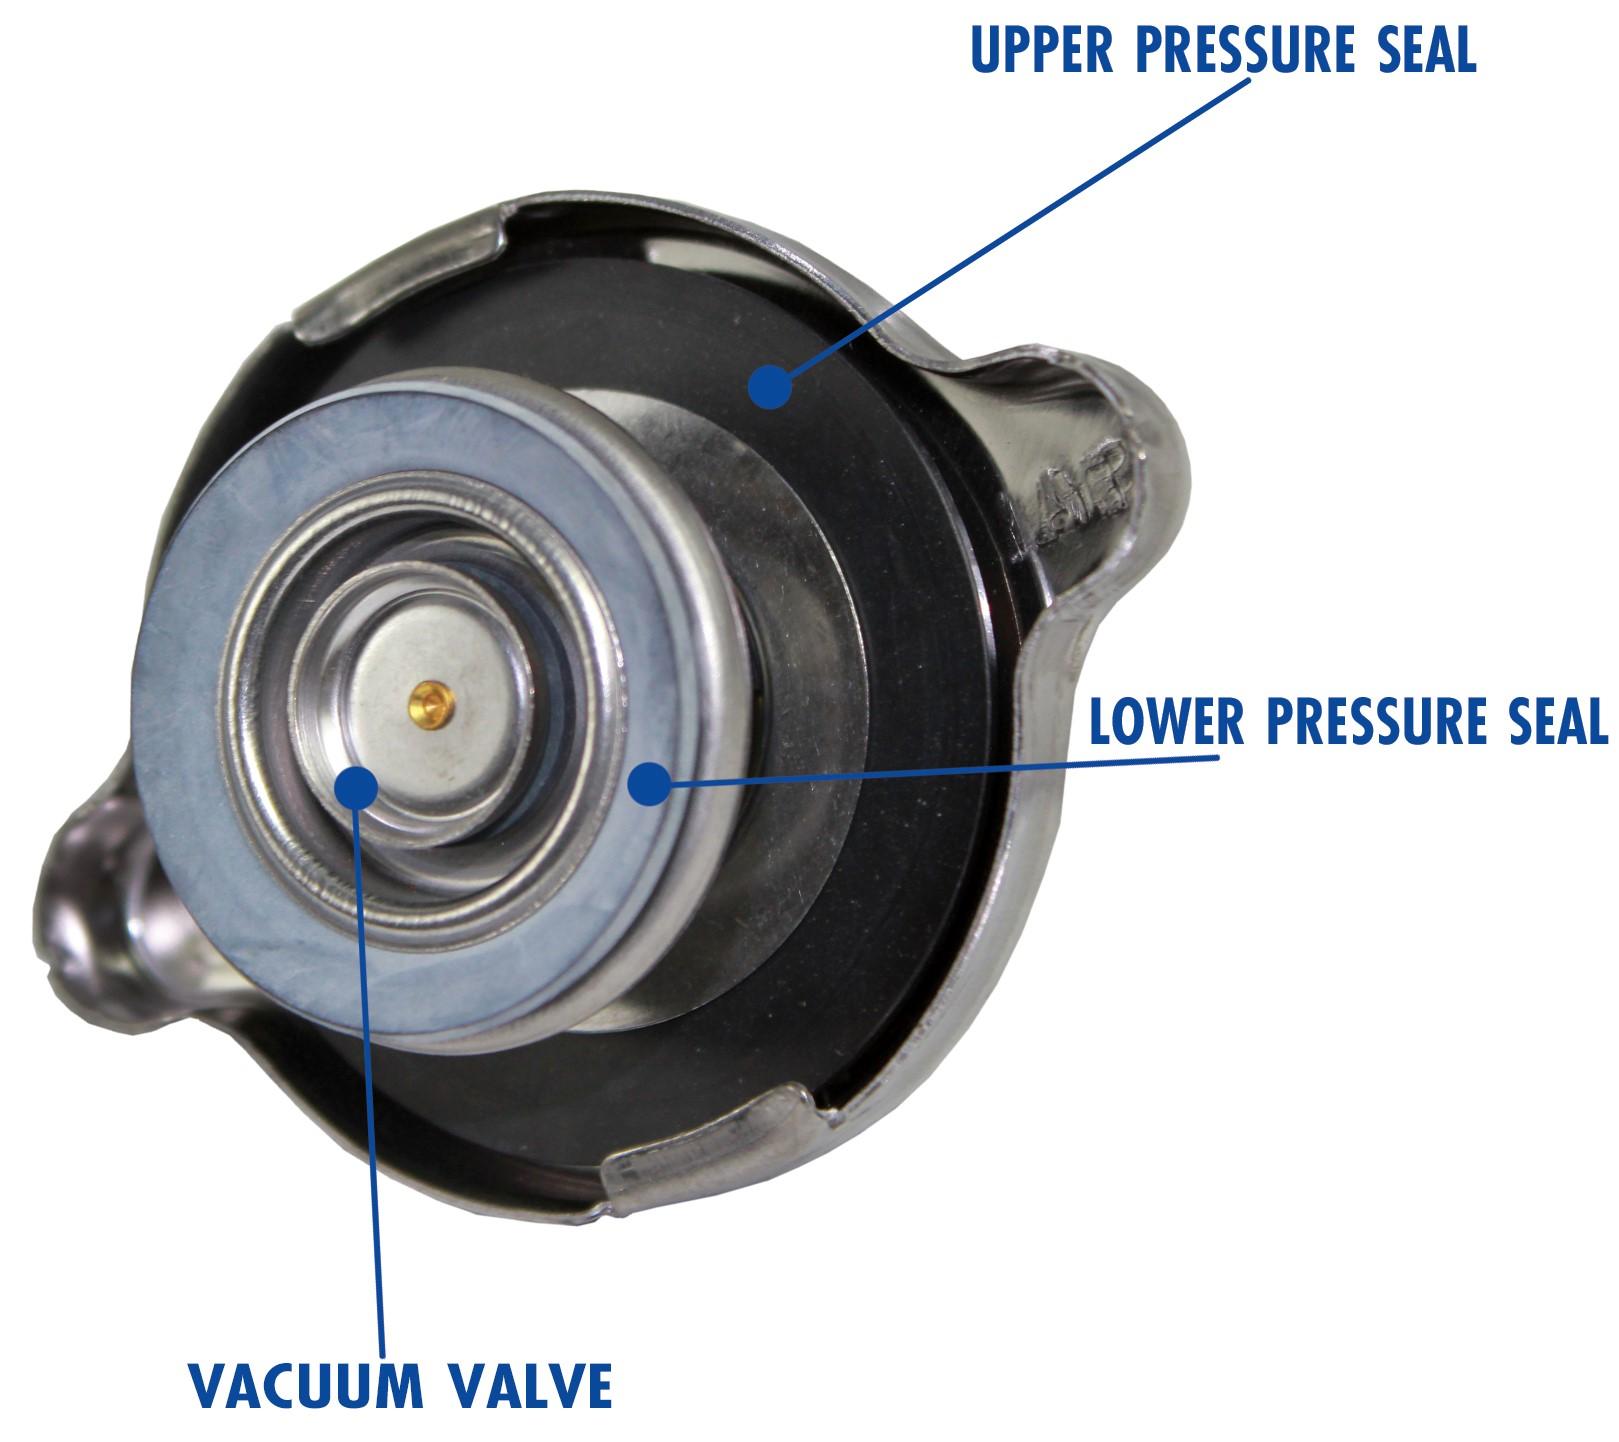 Radiator Cap Diagram